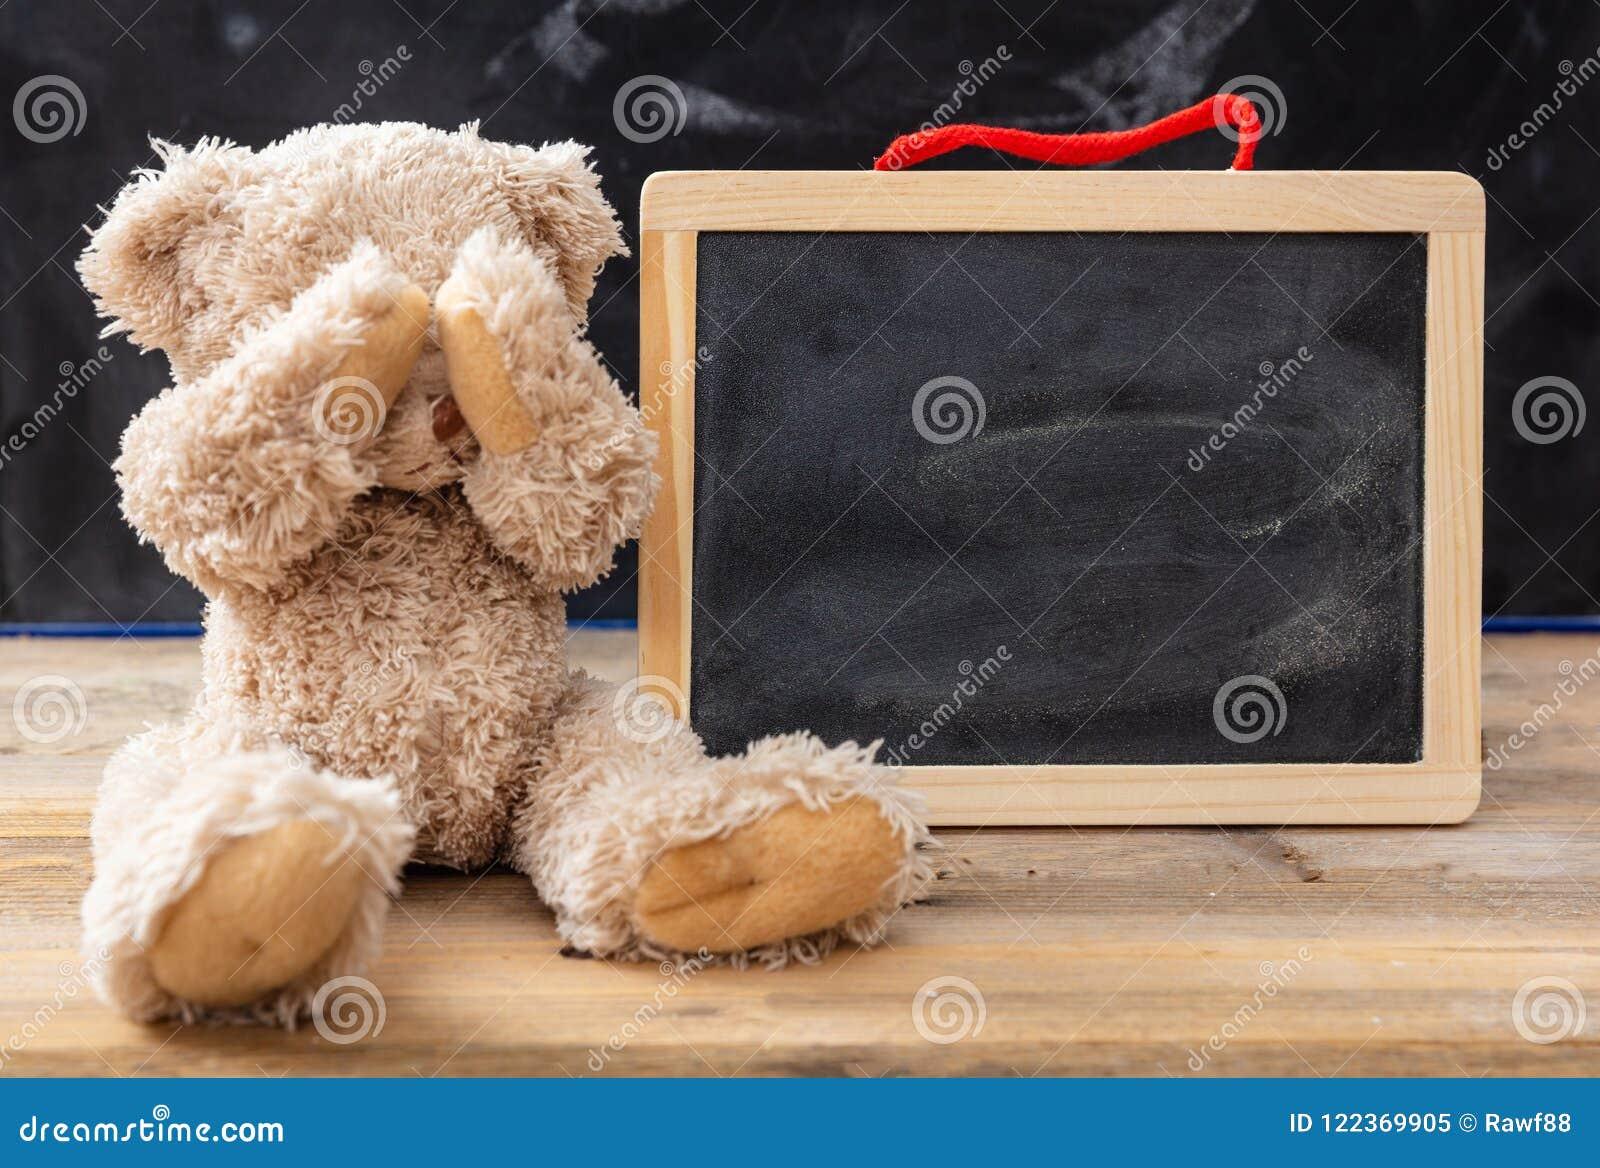 Το Teddy αντέχει τα μάτια και έναν κενό πίνακα, διάστημα για το κείμενο